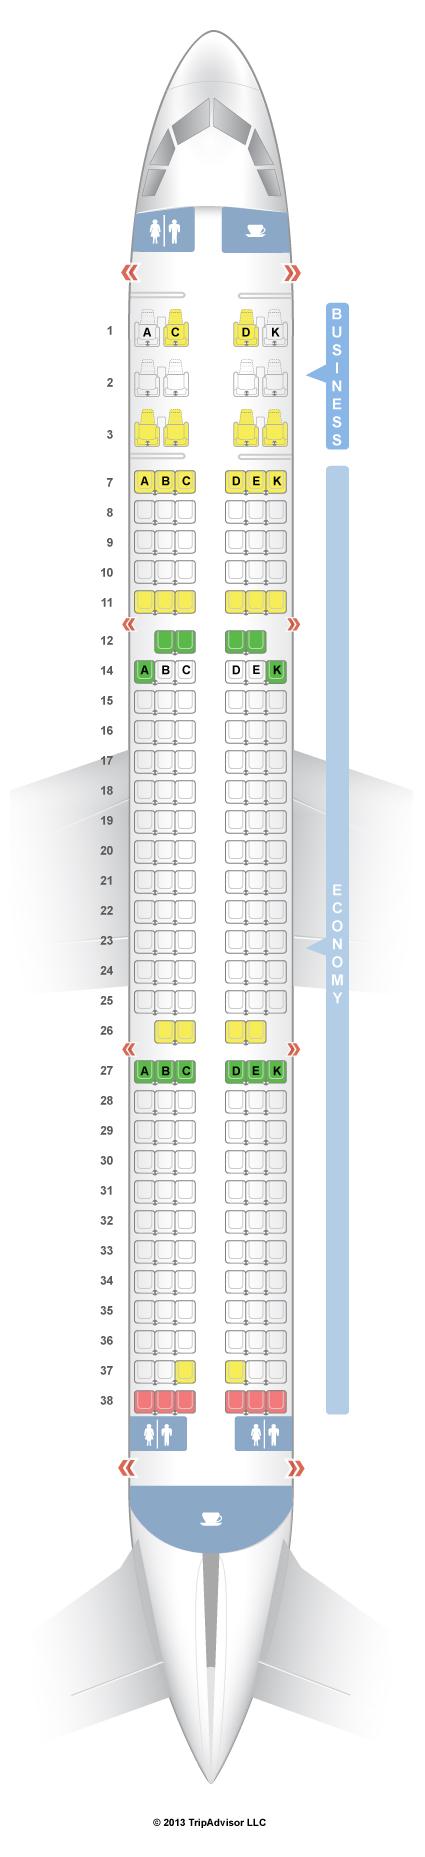 Seatguru Seat Map Taca